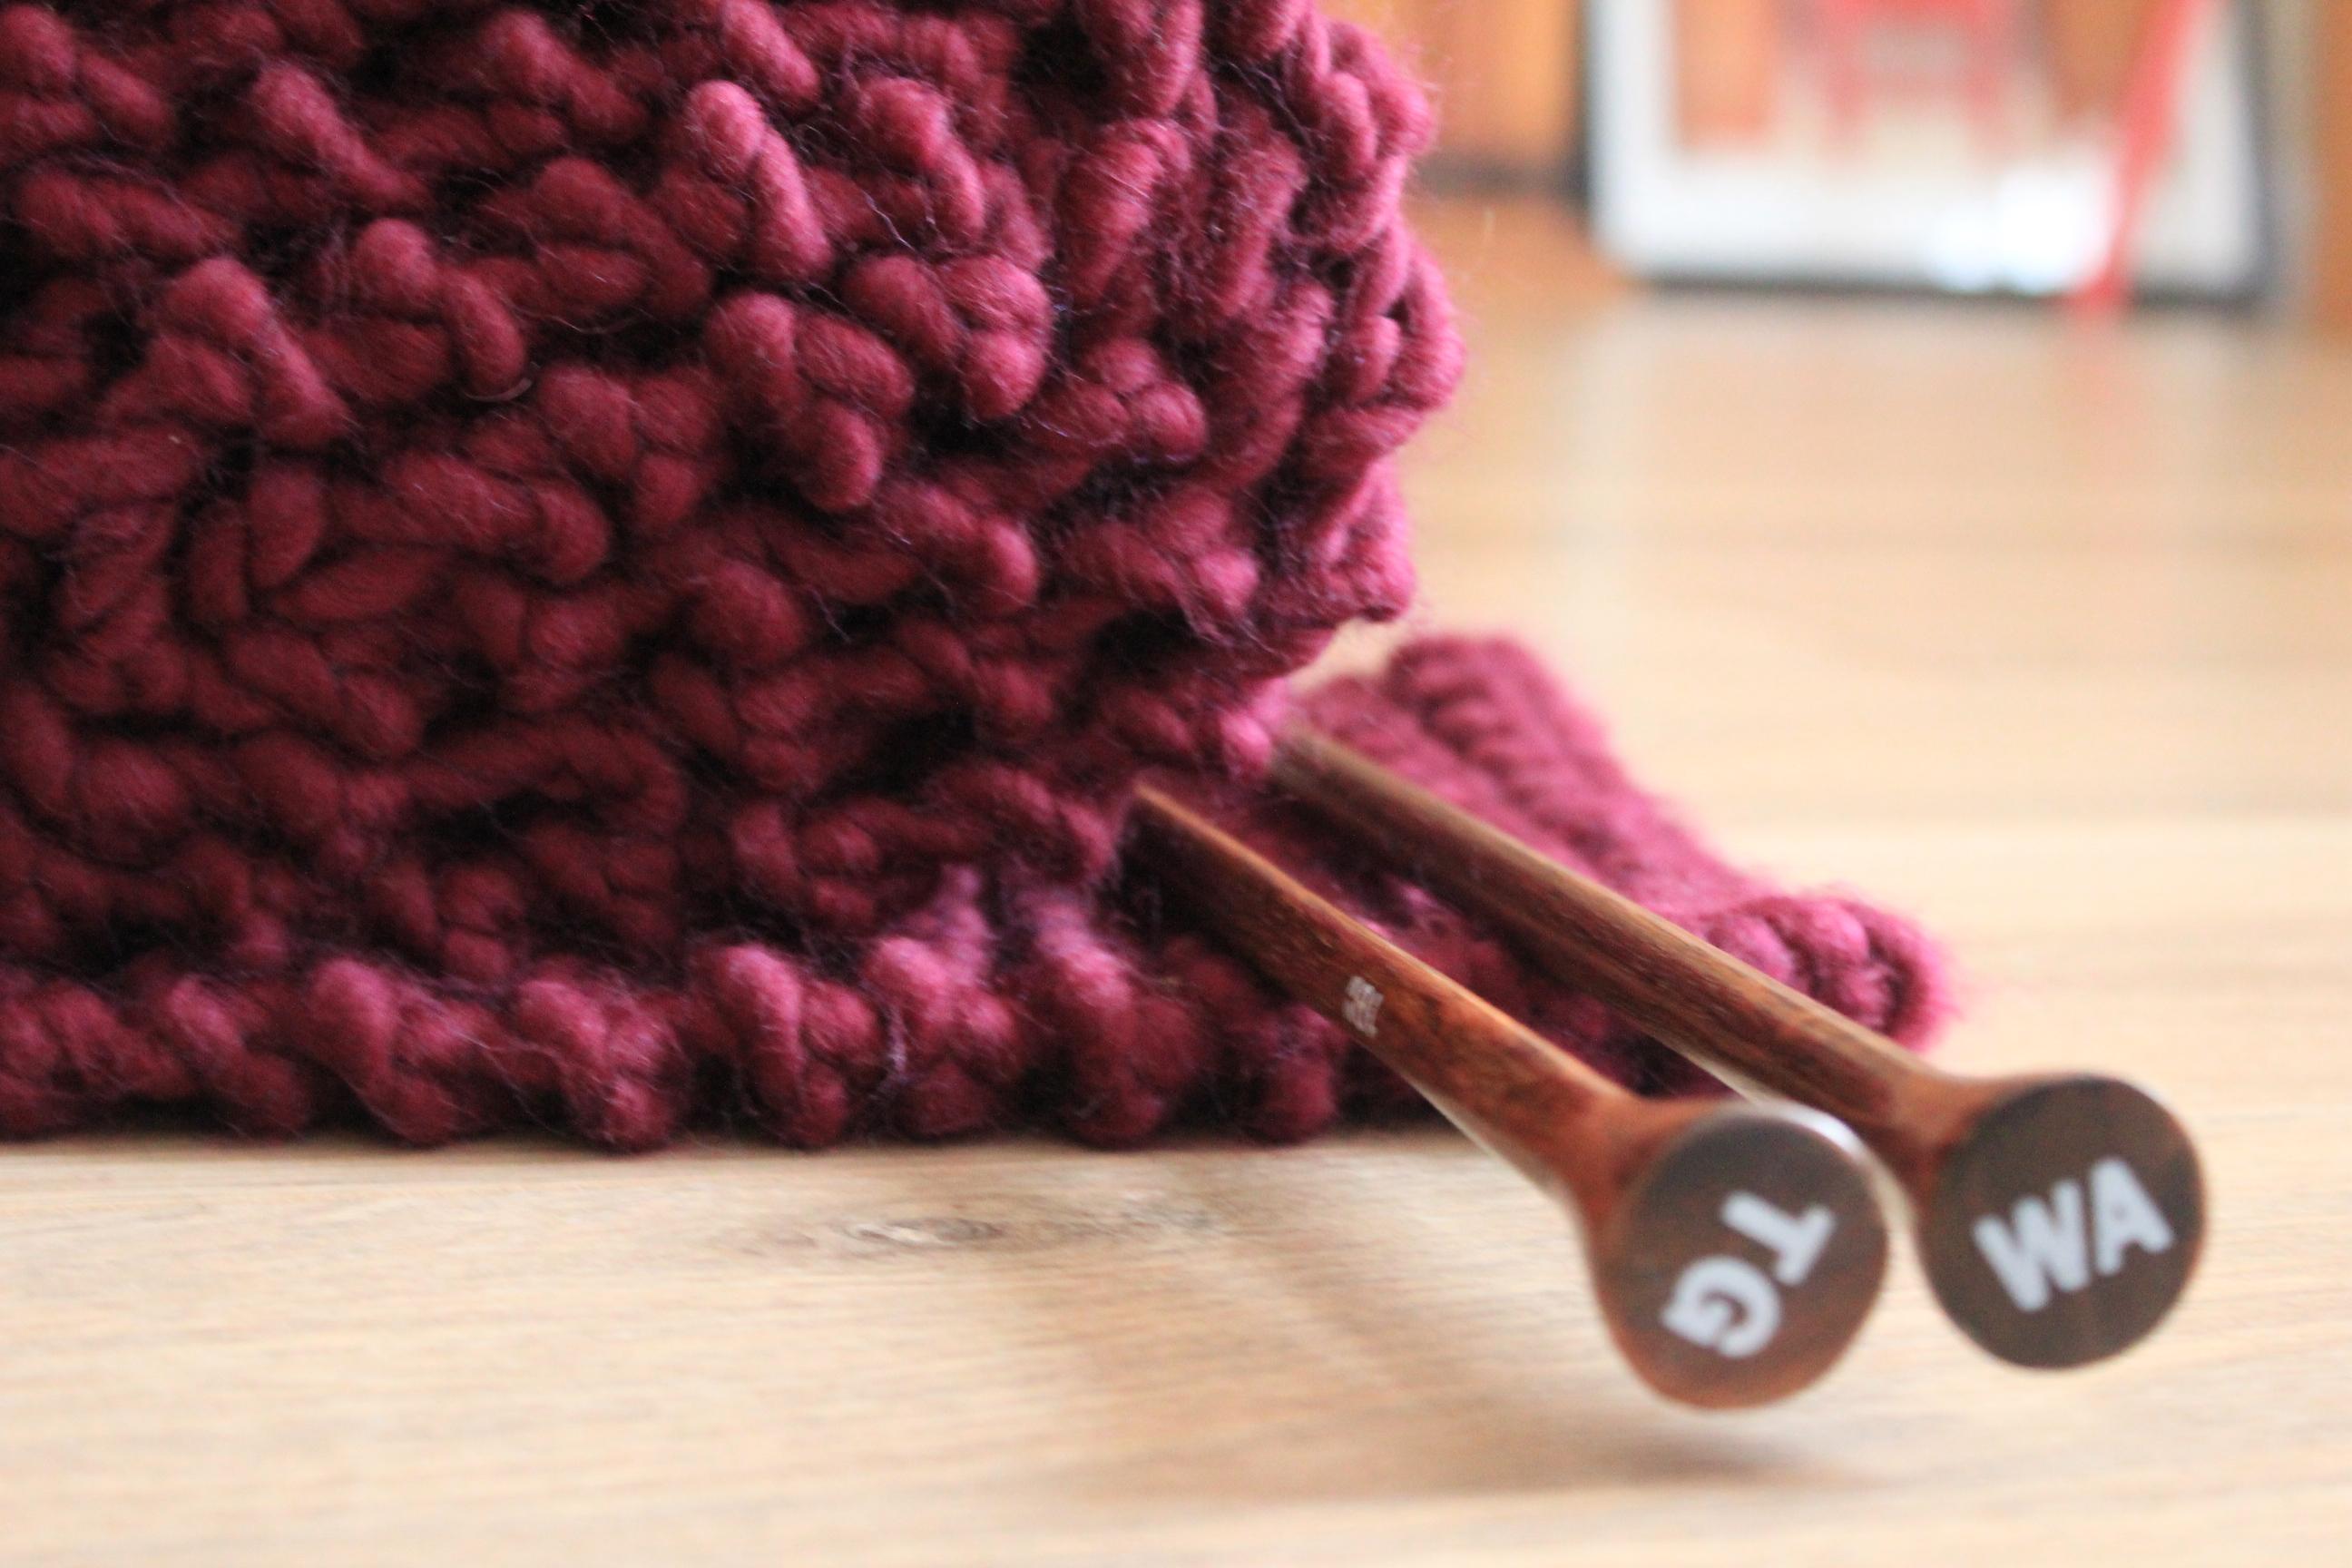 f07bda4d45ec Modele echarpe a tricoter grosse laine - Laine et tricot